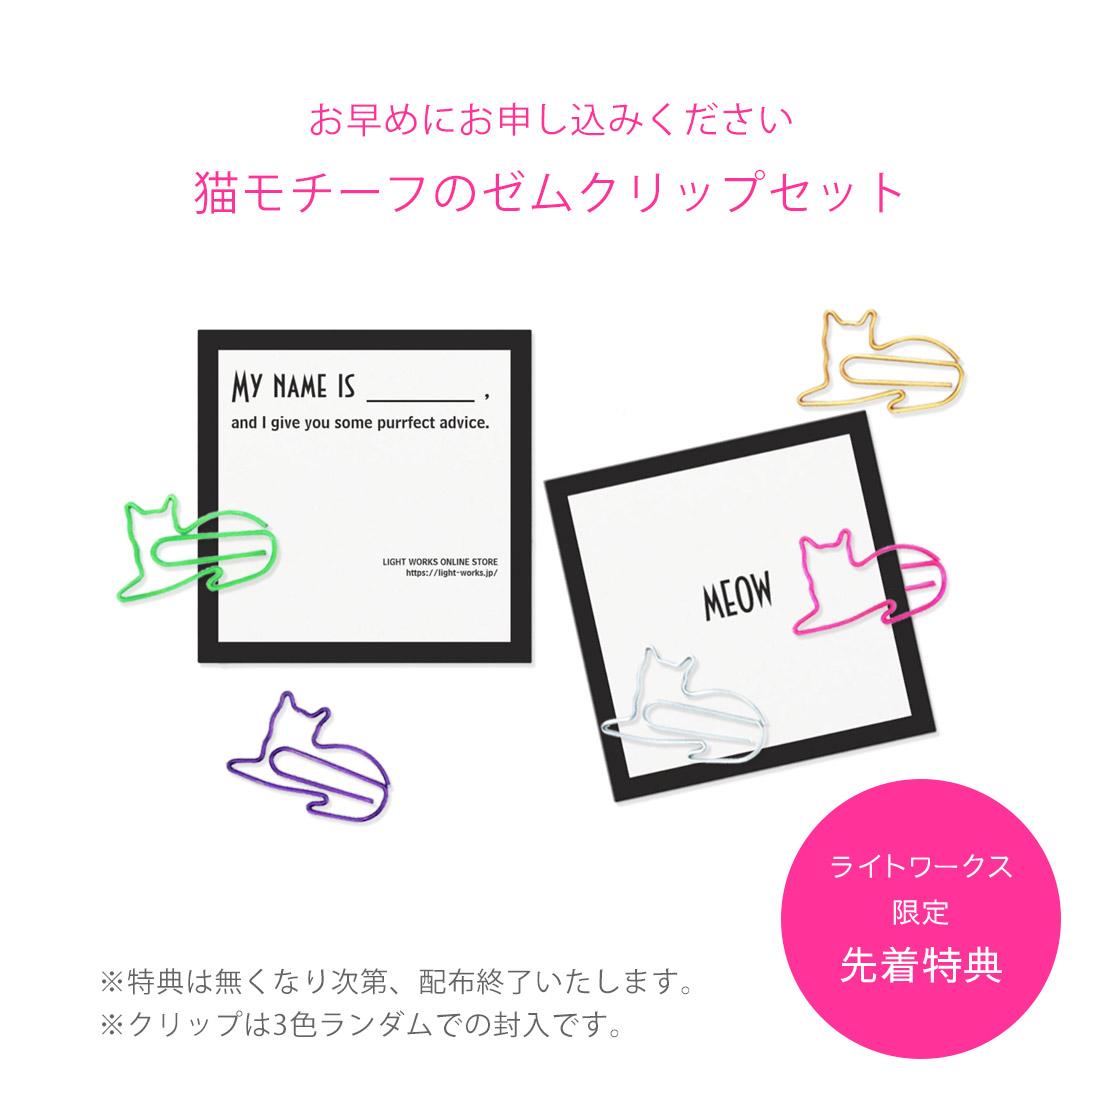 【先着特典付き】キャットグルカード